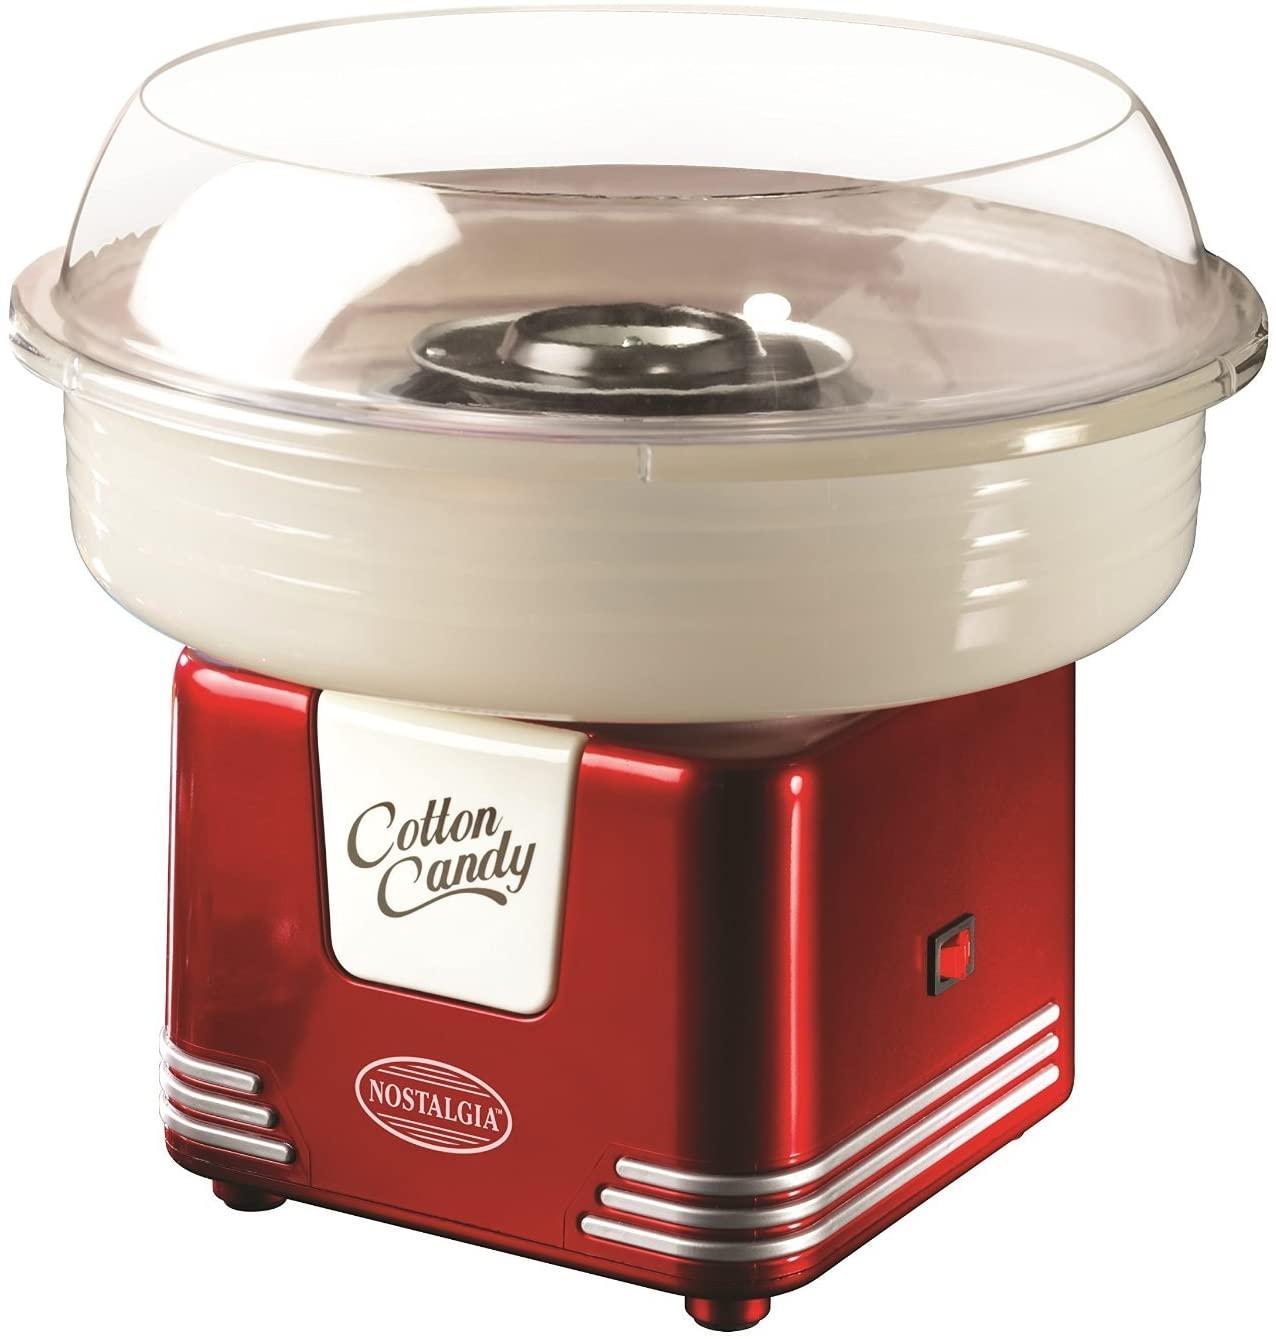 Nostalgia Countertop cotton candy maker